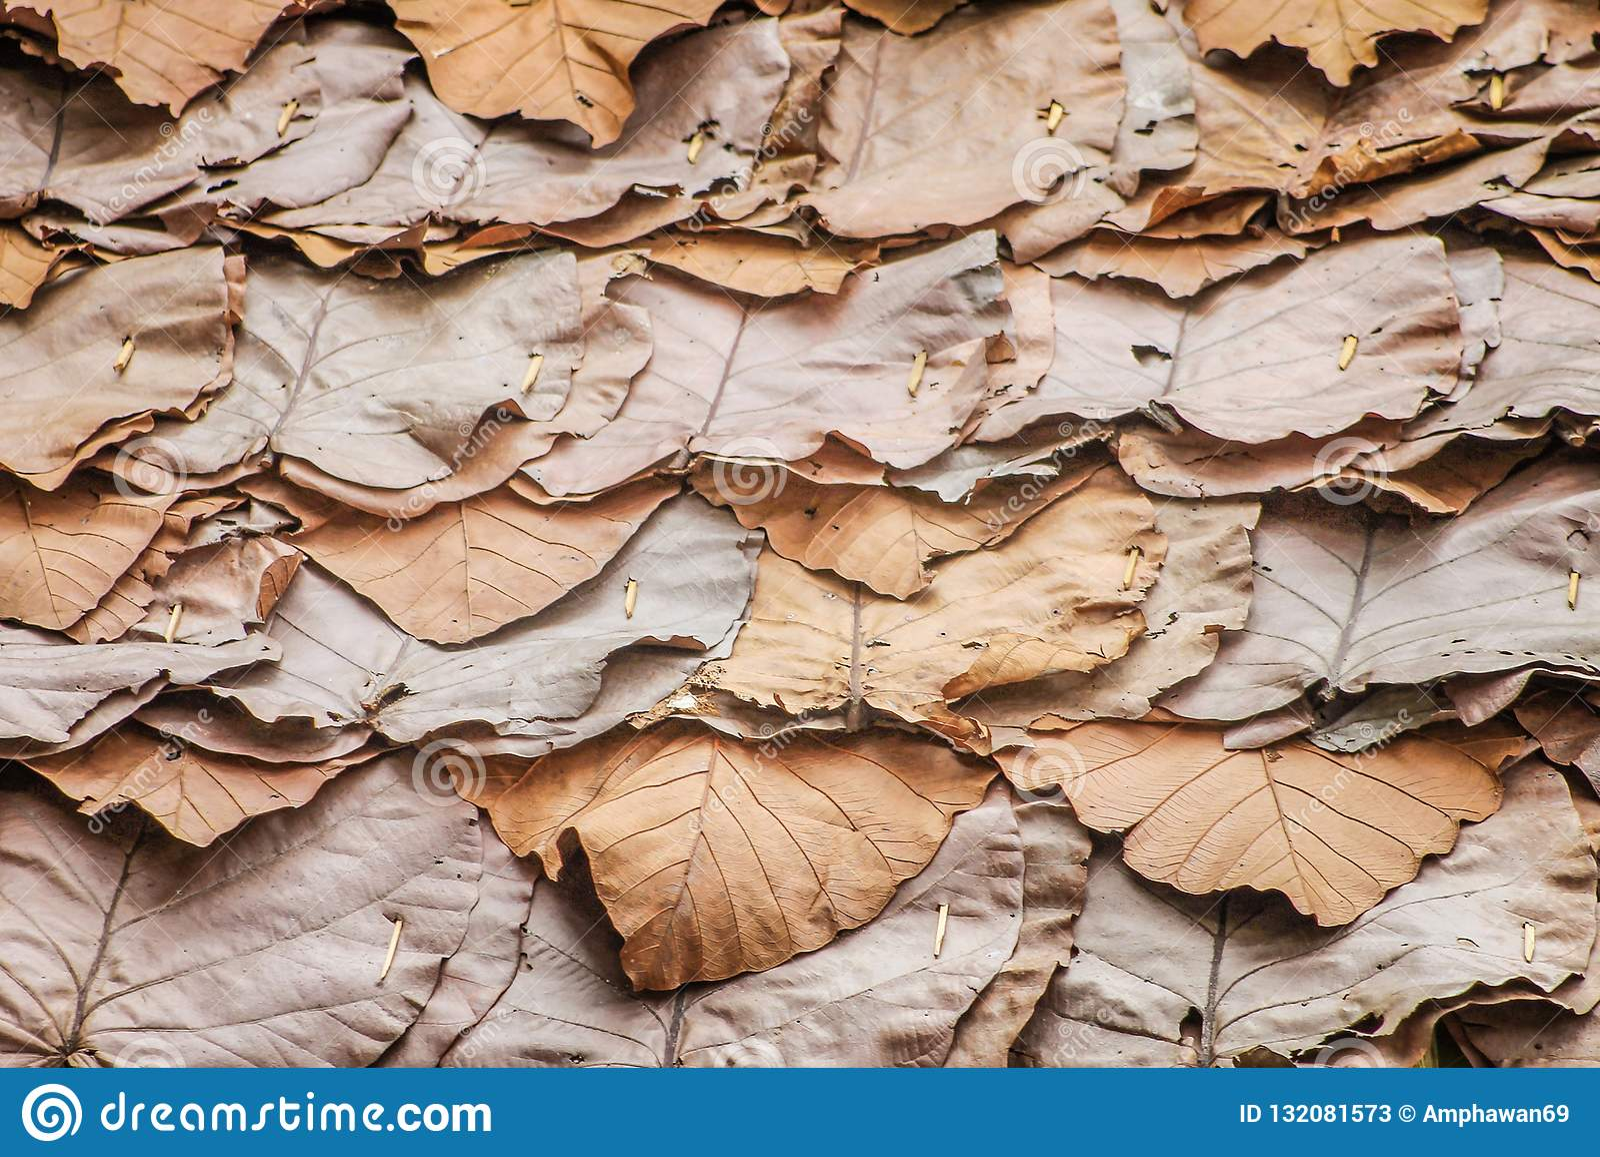 Traditionelle thailändische Muster der Schicht trockneten Blattdachbeschaffenheit, Naturhintergrund